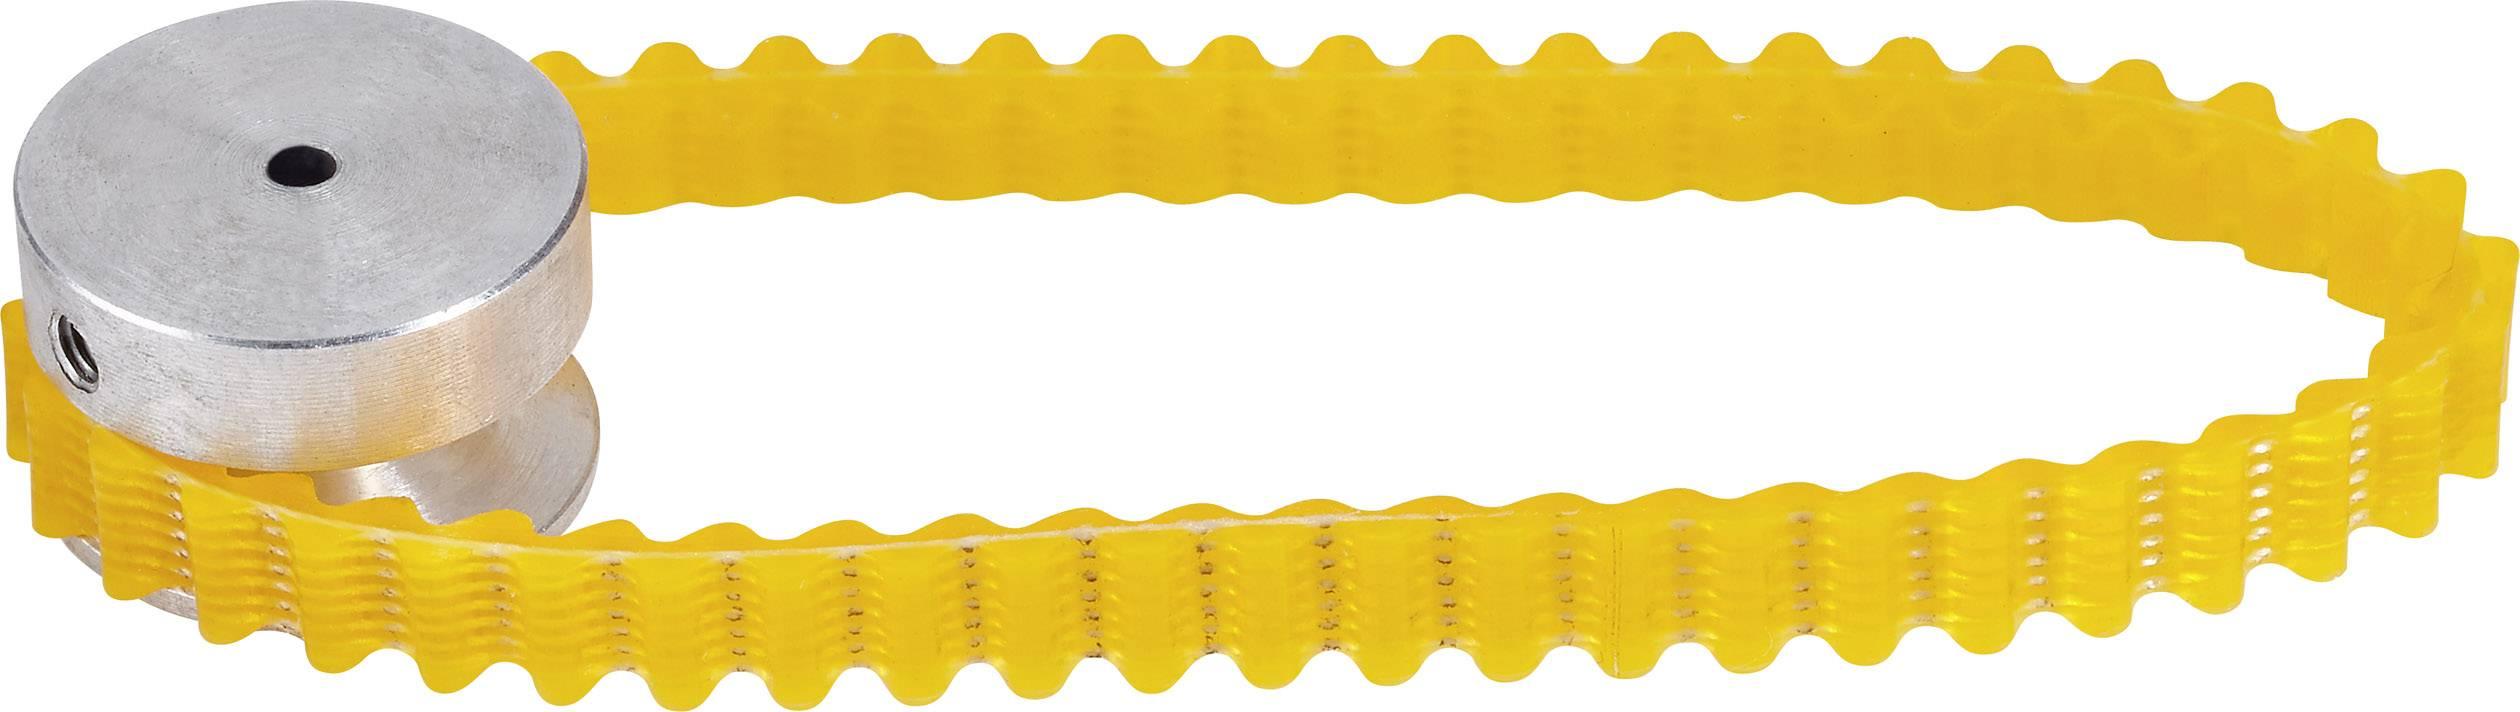 Klínová řemenice hliníková Modelcraft, Ø 2,3 mm